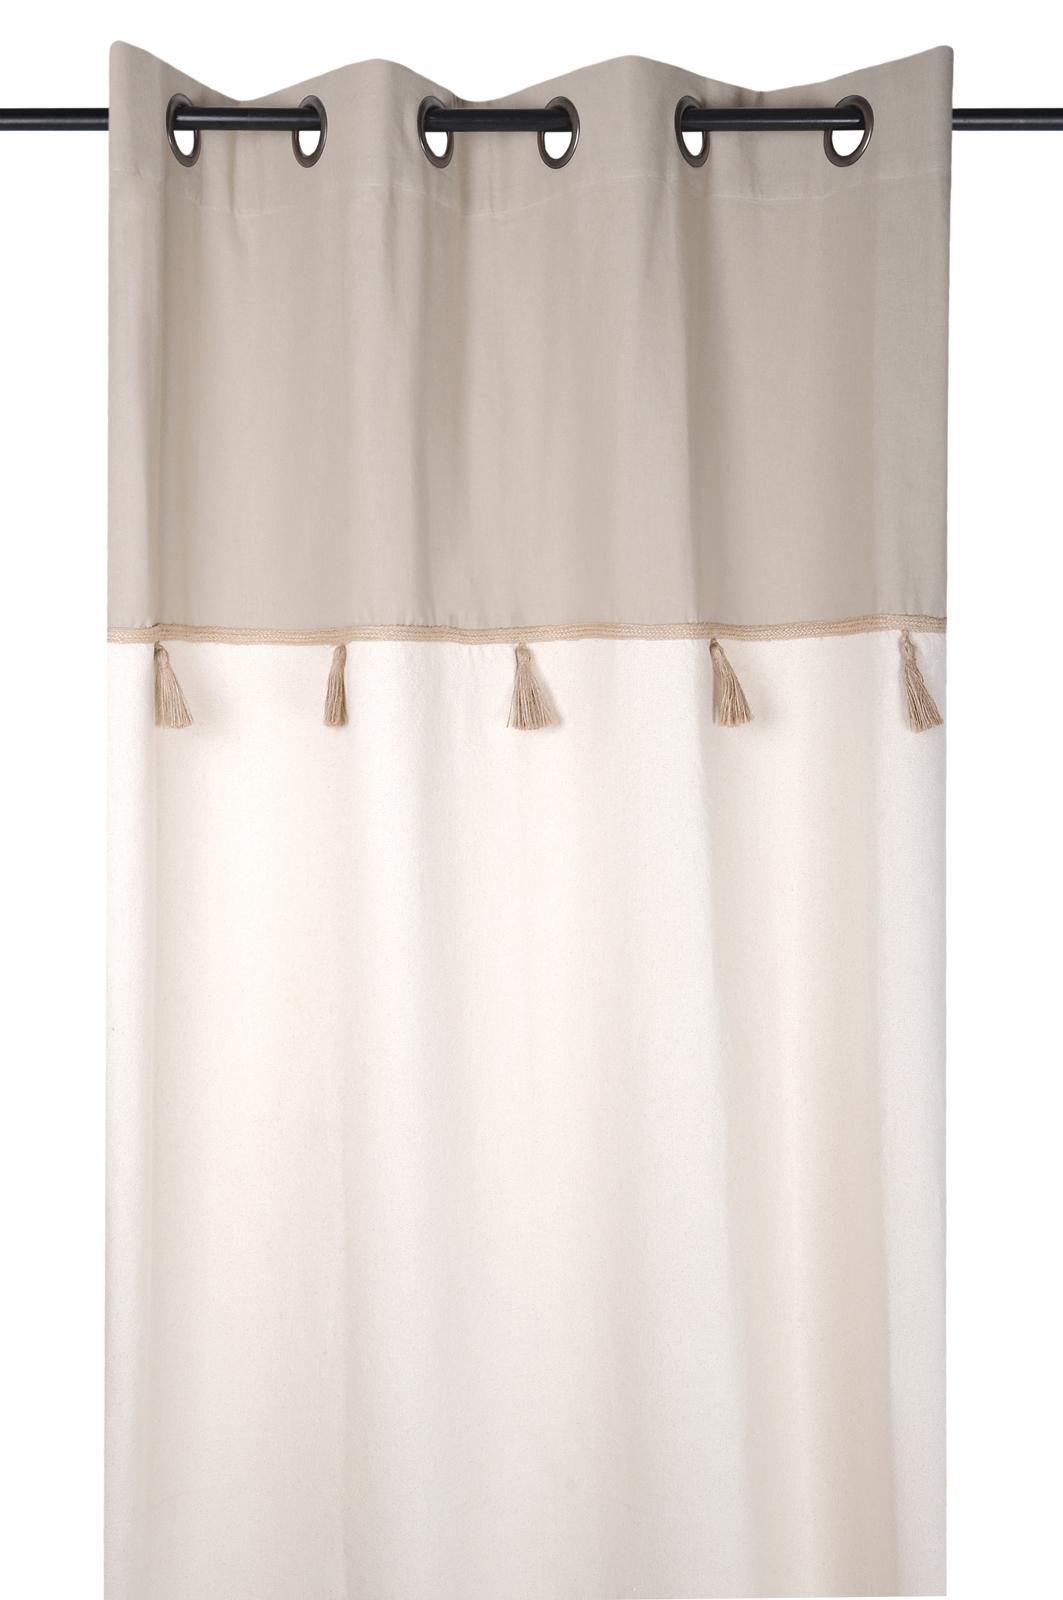 rideau beige et ecru avec pompons 140x260cm iceland